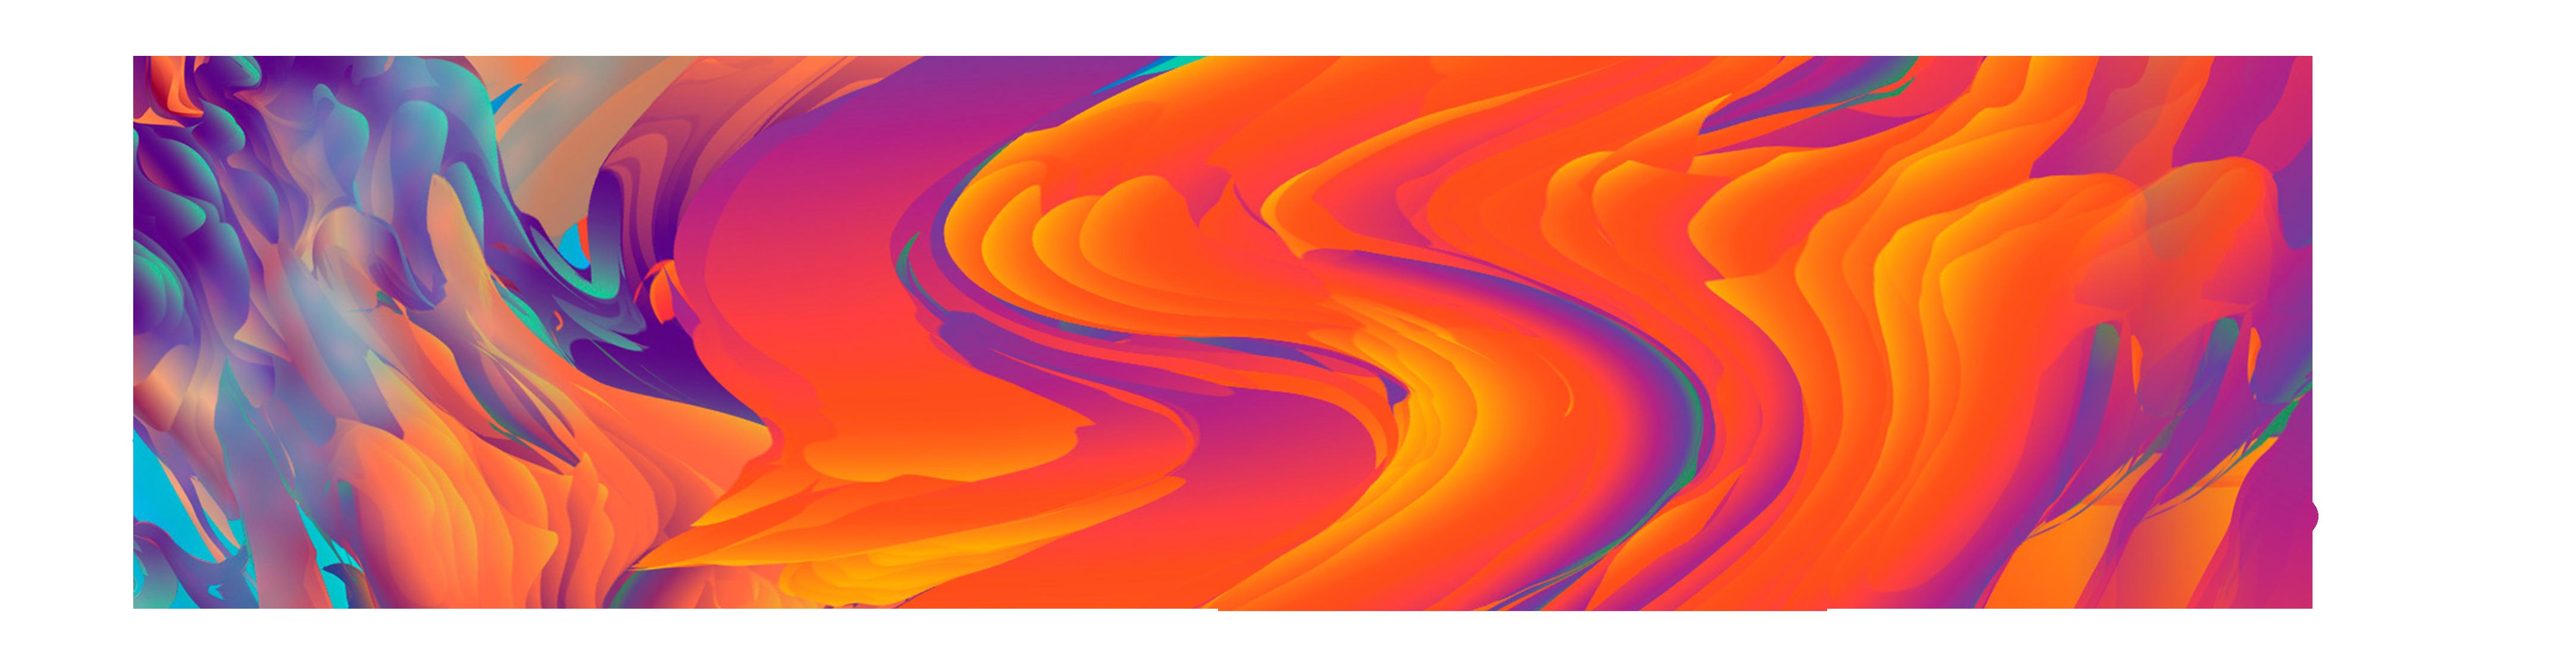 企业资讯字体